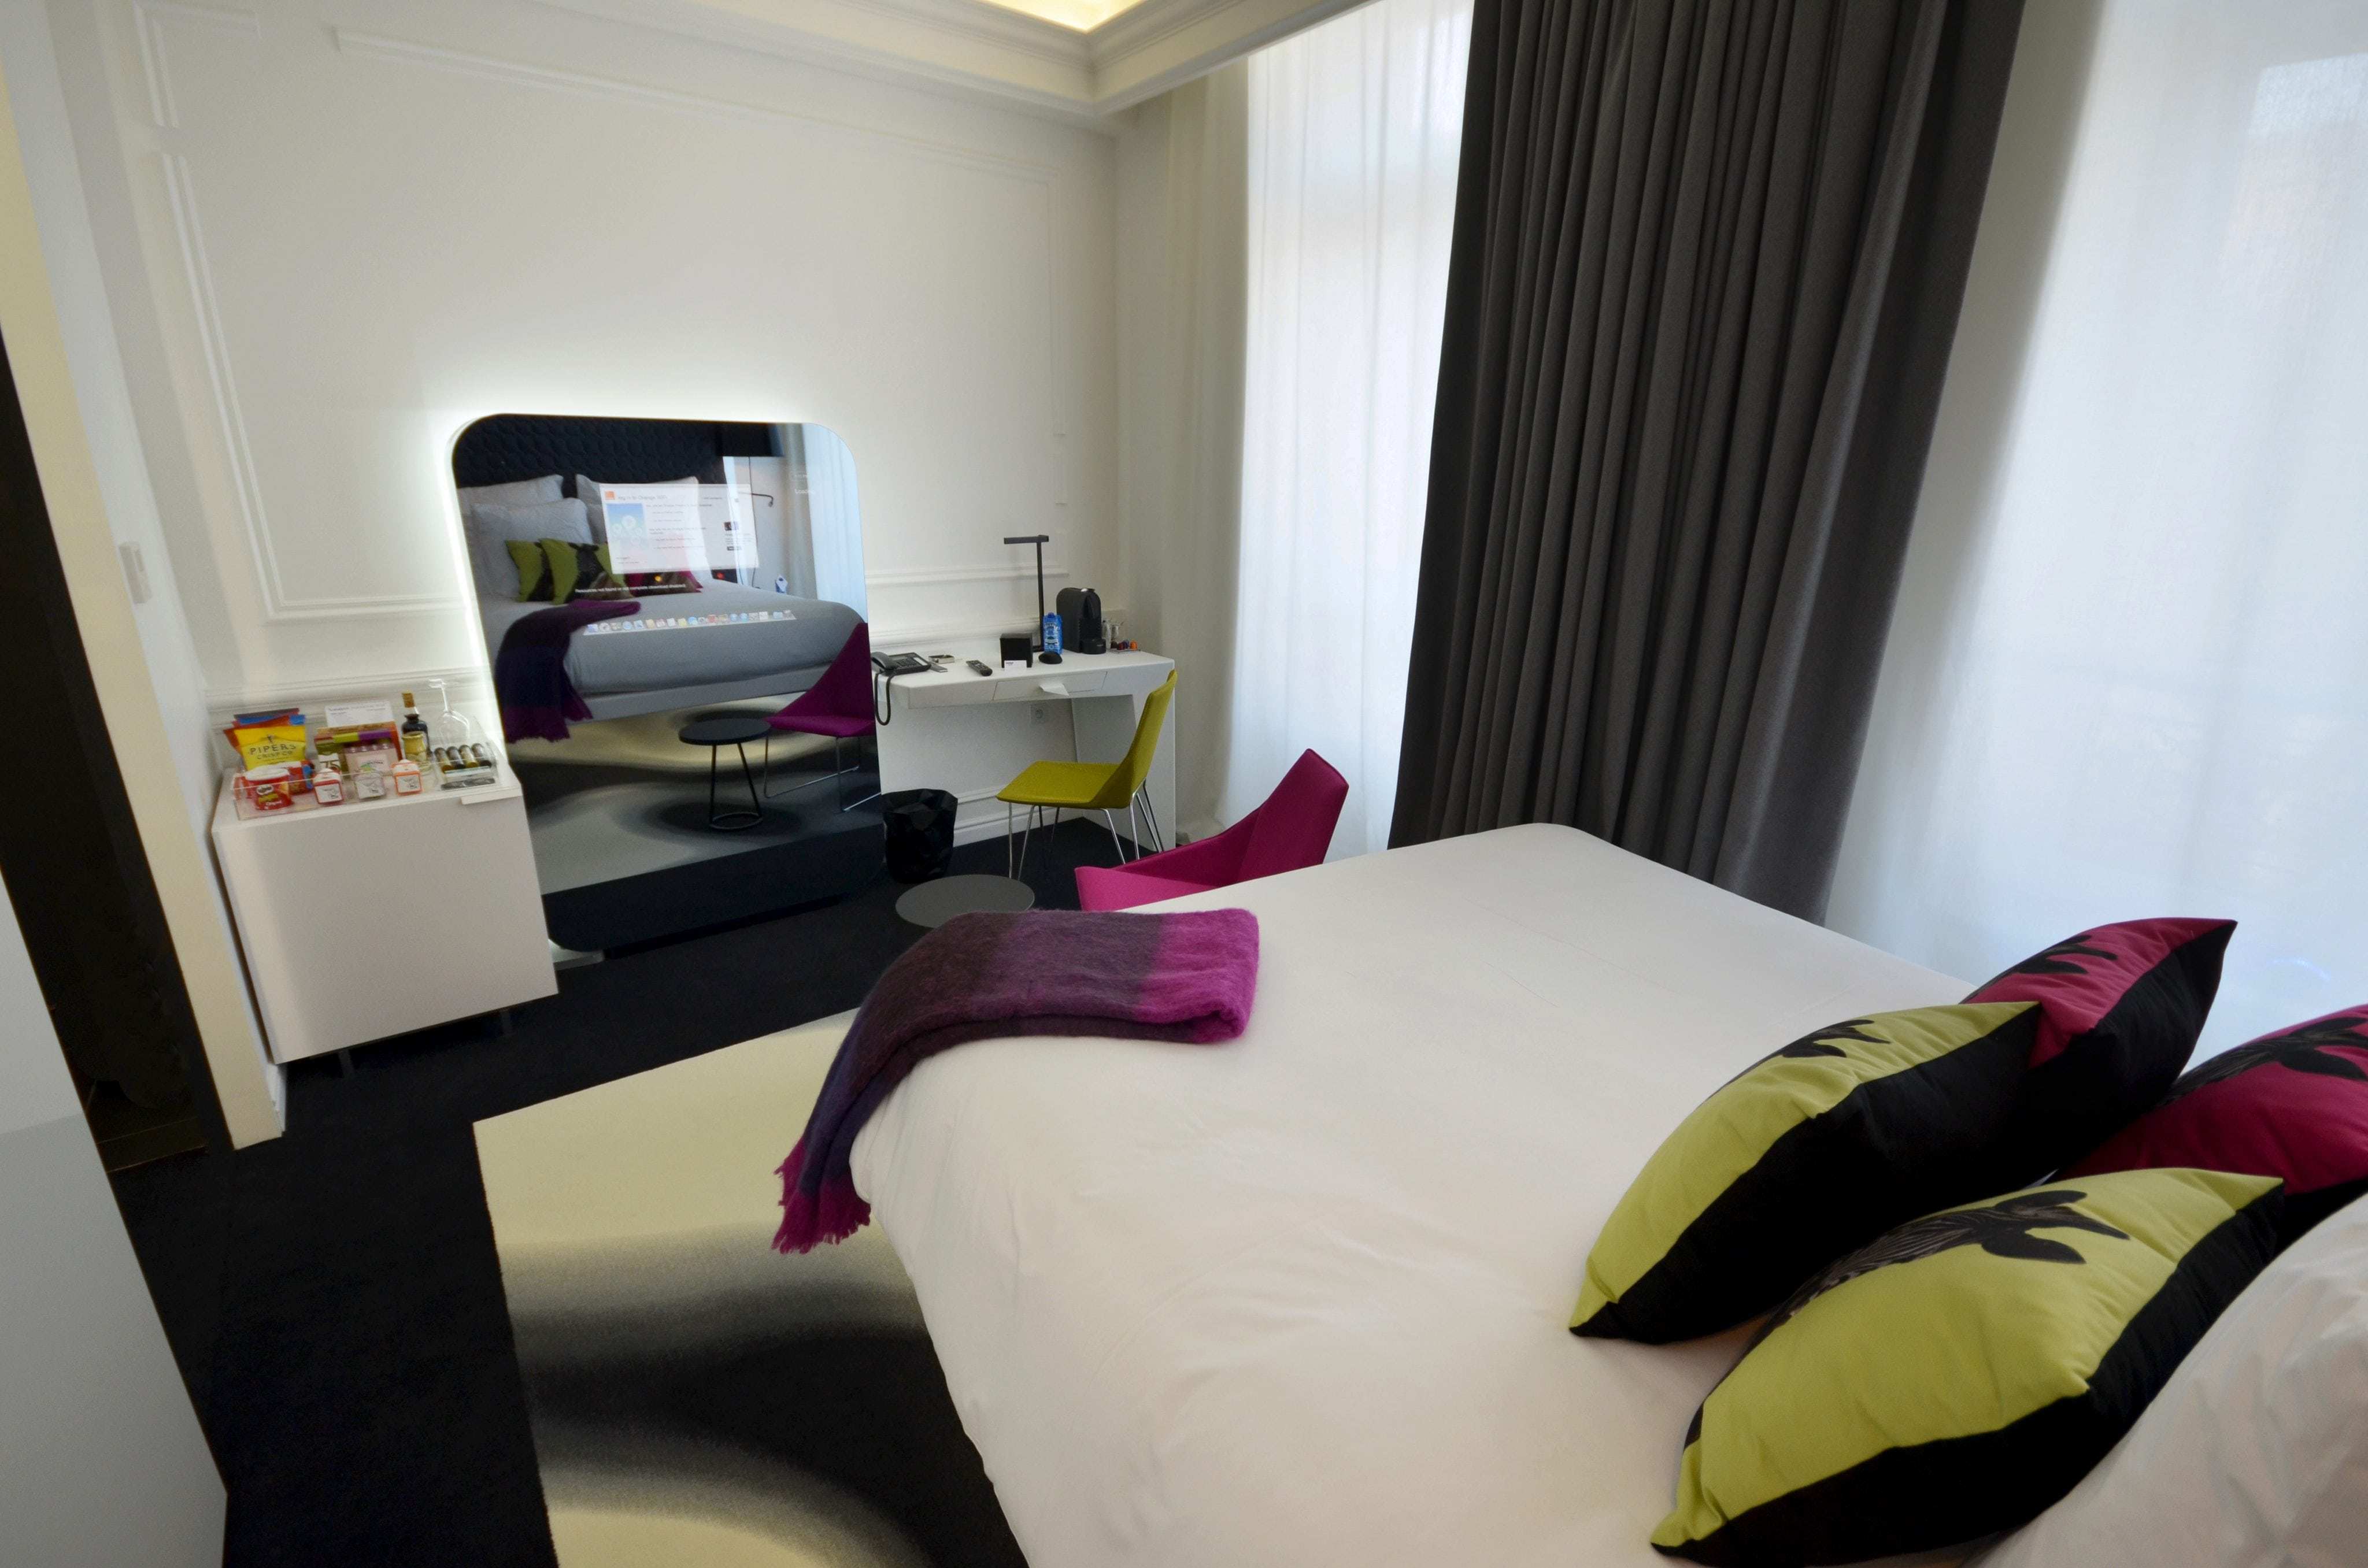 Le Design hôtel qui va révolutionner les nuits dijonnaises